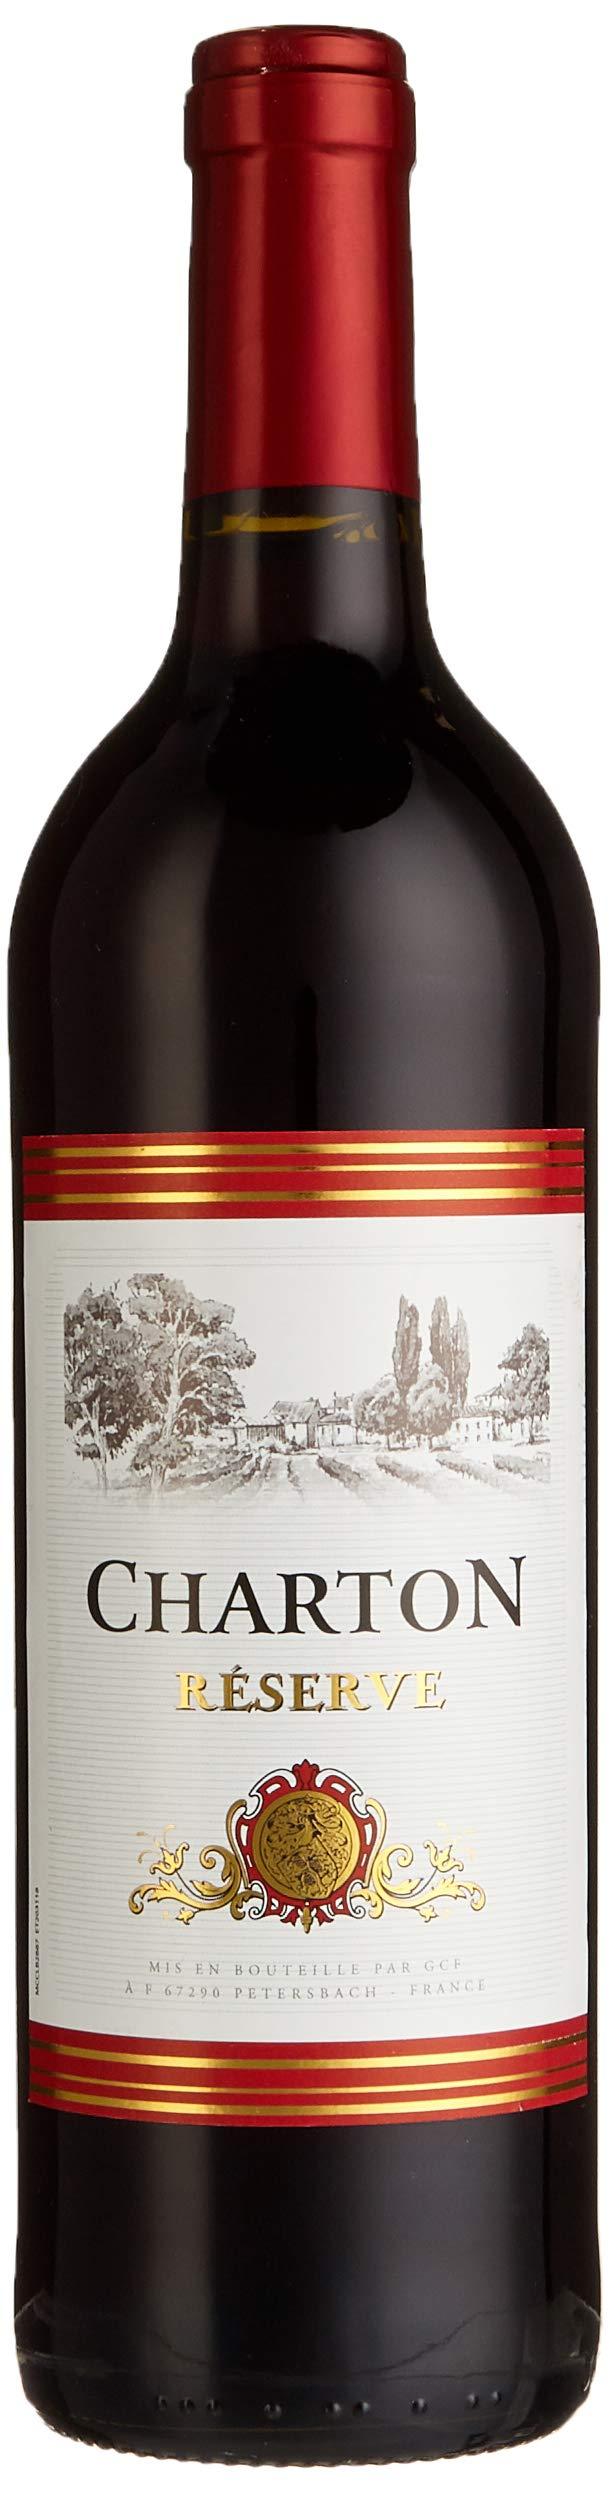 Charton-Reserve-Vin-communaut-europenne-rotwein-6-x-075-l